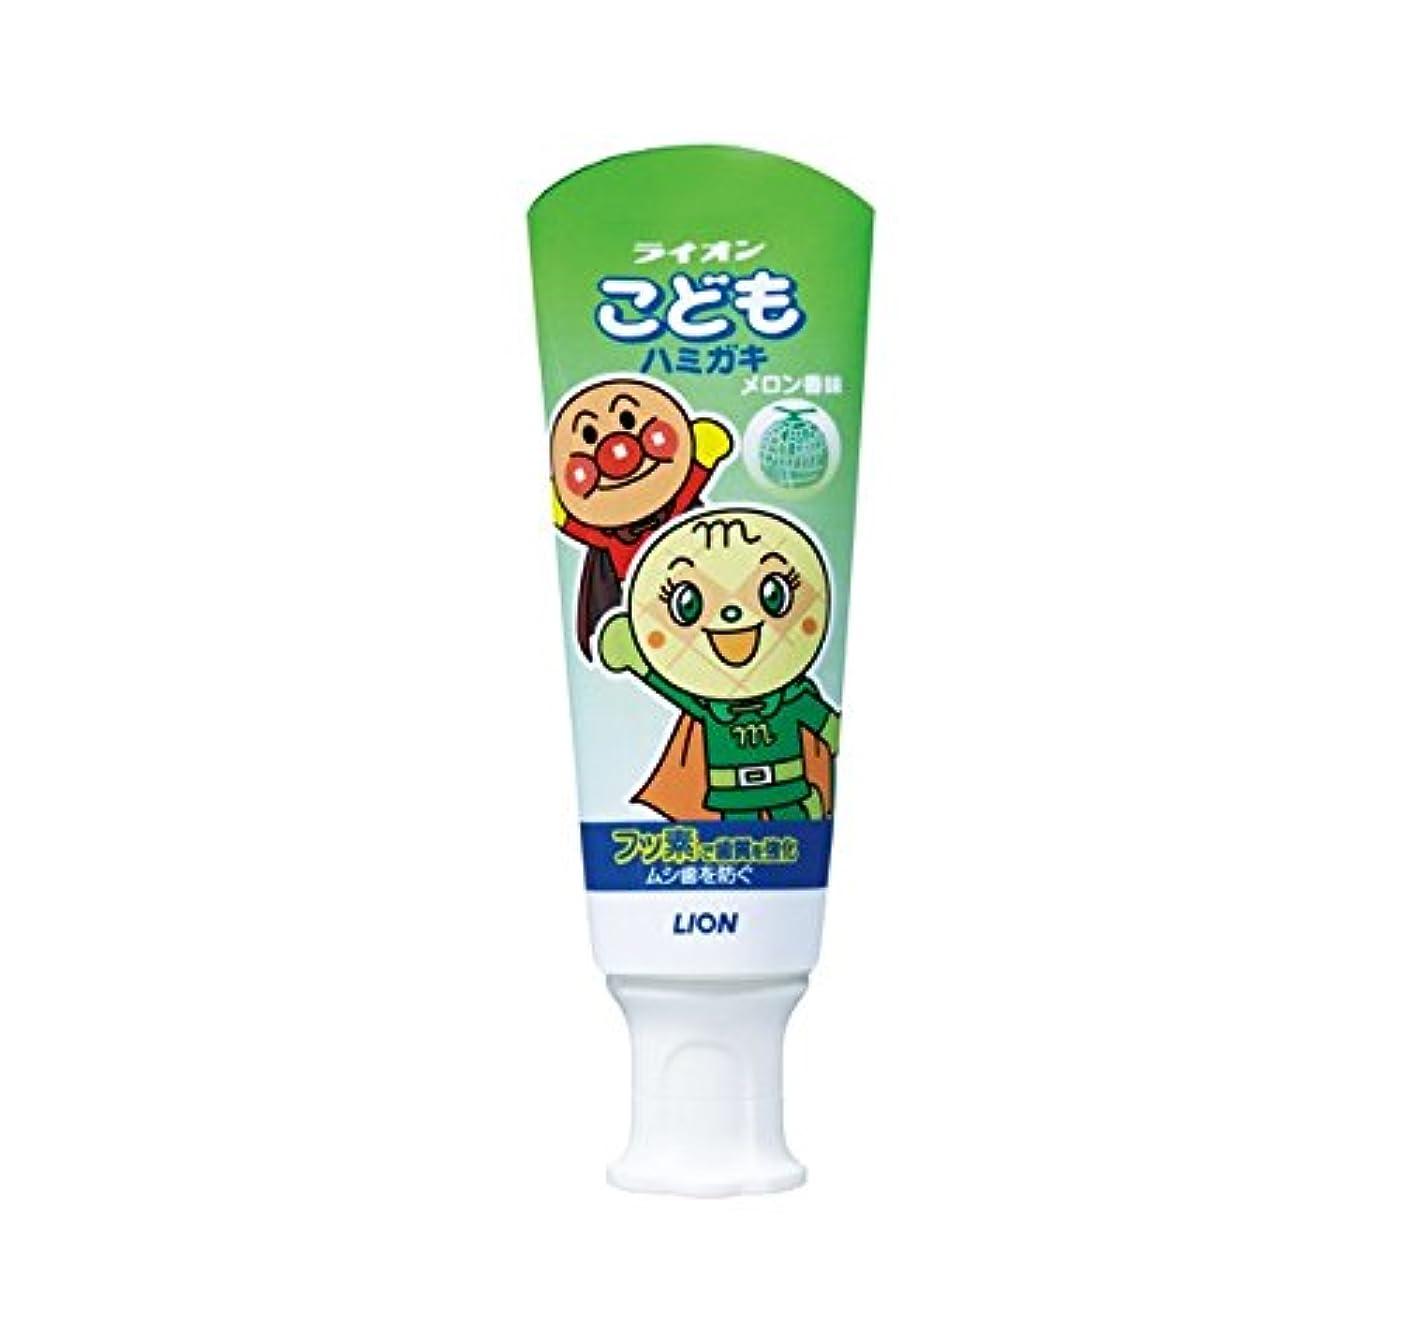 パイルイライラする否定するこどもハミガキ アンパンマン メロン香味 40g (医薬部外品)